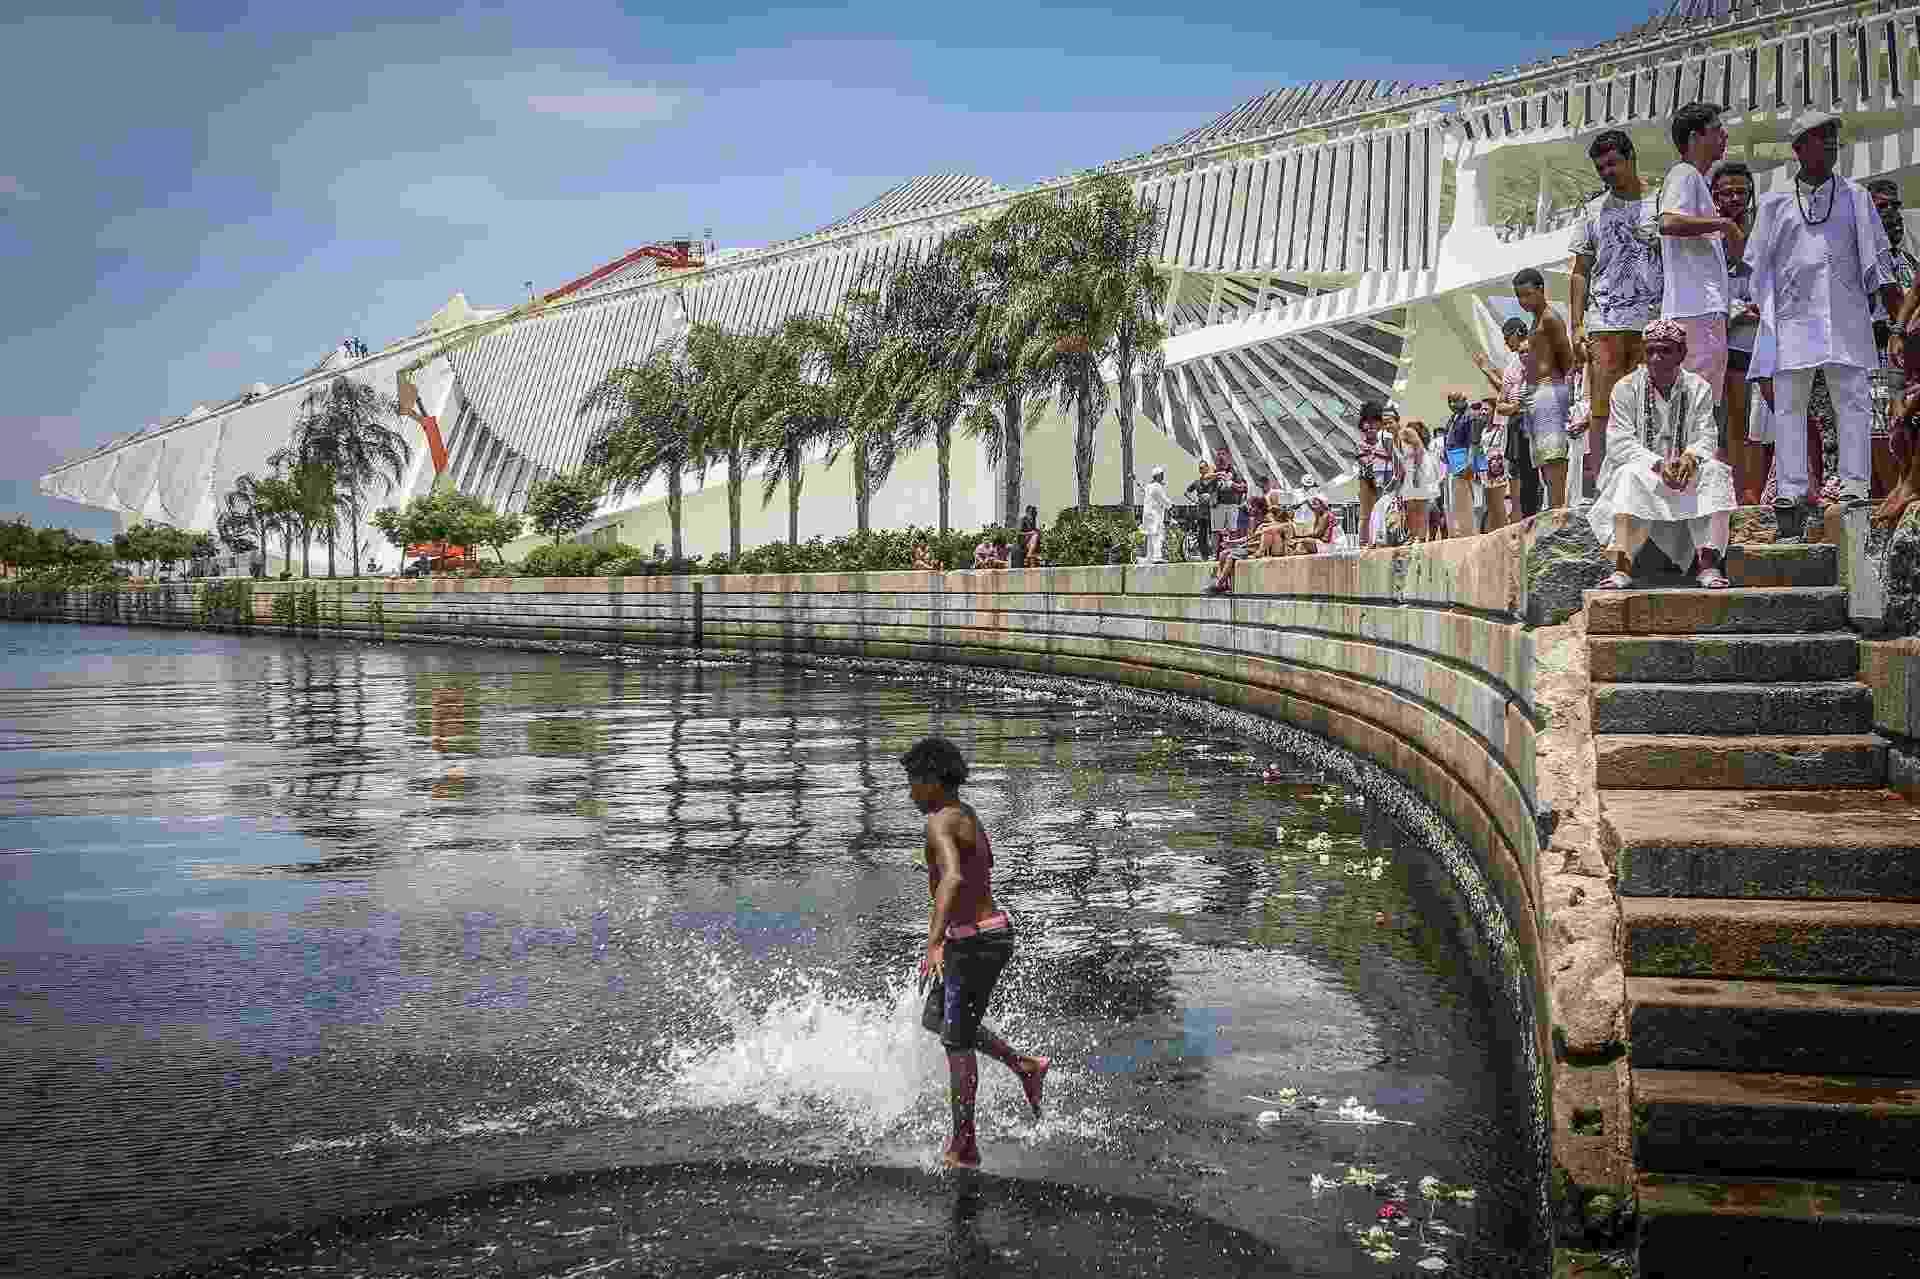 Filhos de Gandhi homenageiam Iemanjá no Rio - Marco Antonio Teixeira/UOL